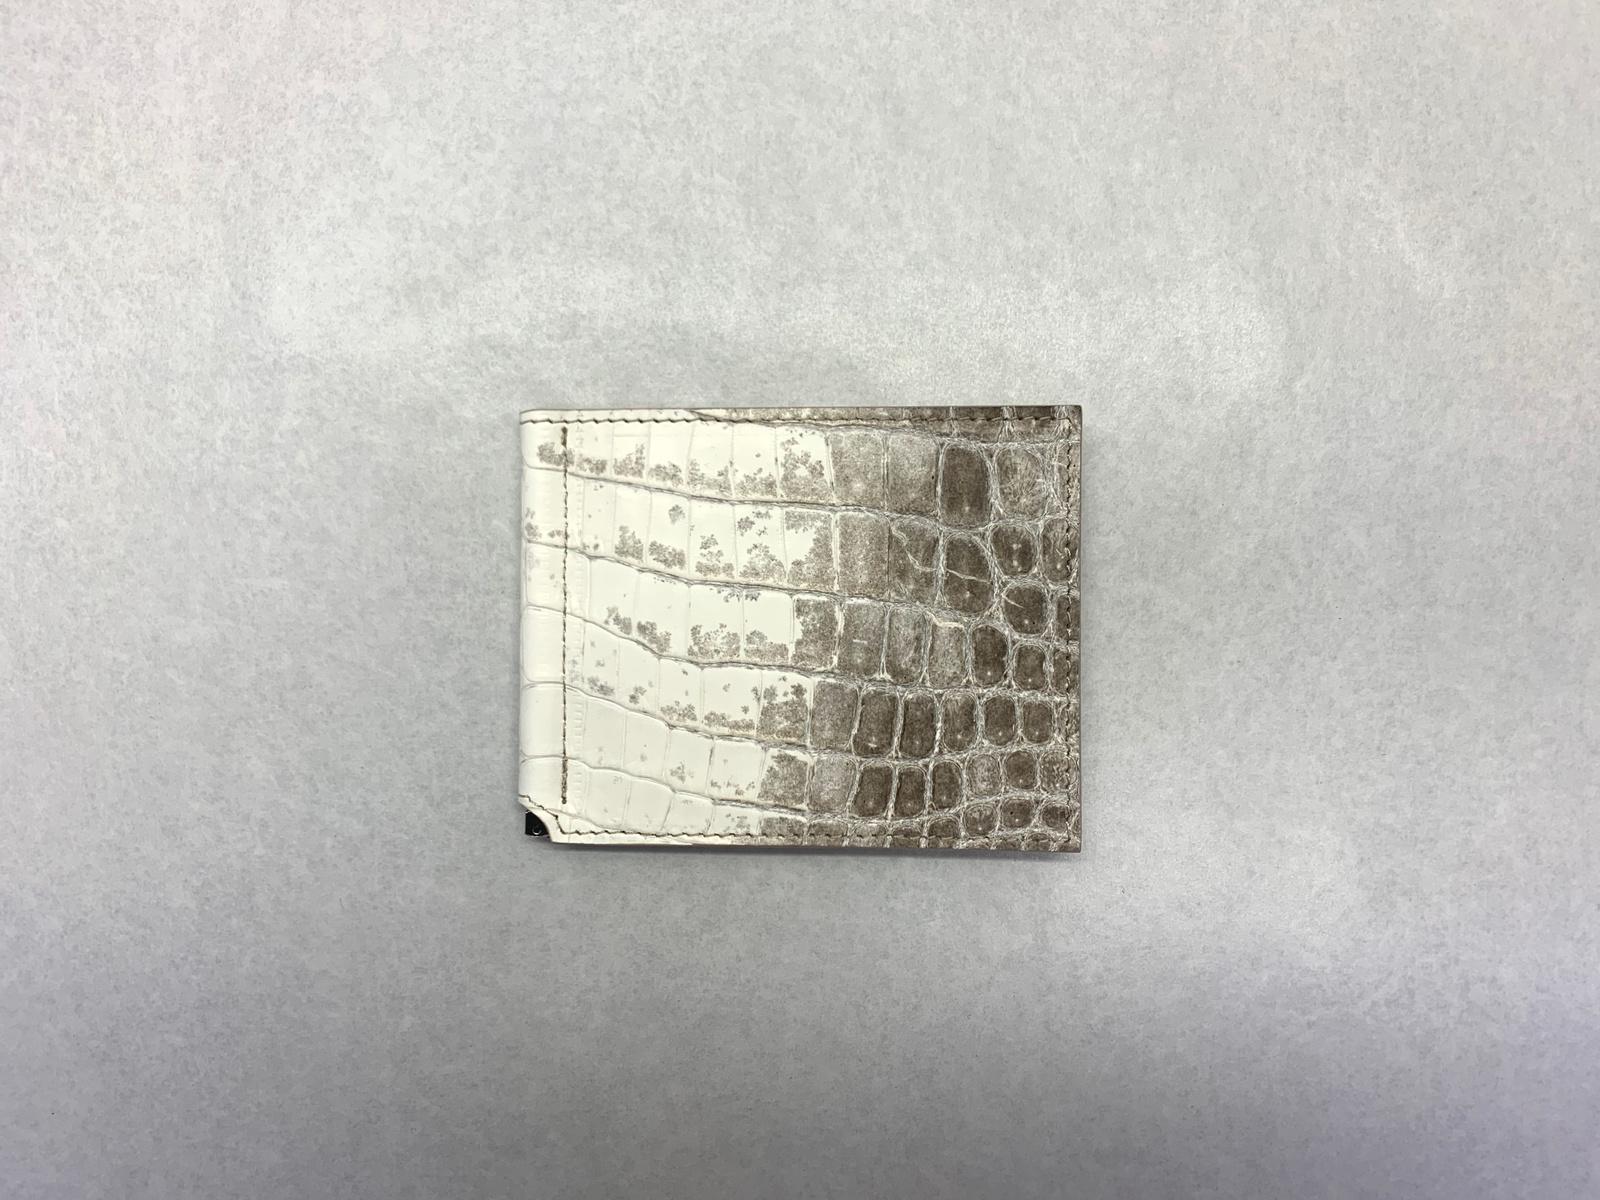 クロコダイル マネークリップ 山本製鞄 メンズ 財布 コンパクト 日本製 本革 ヒマラヤ